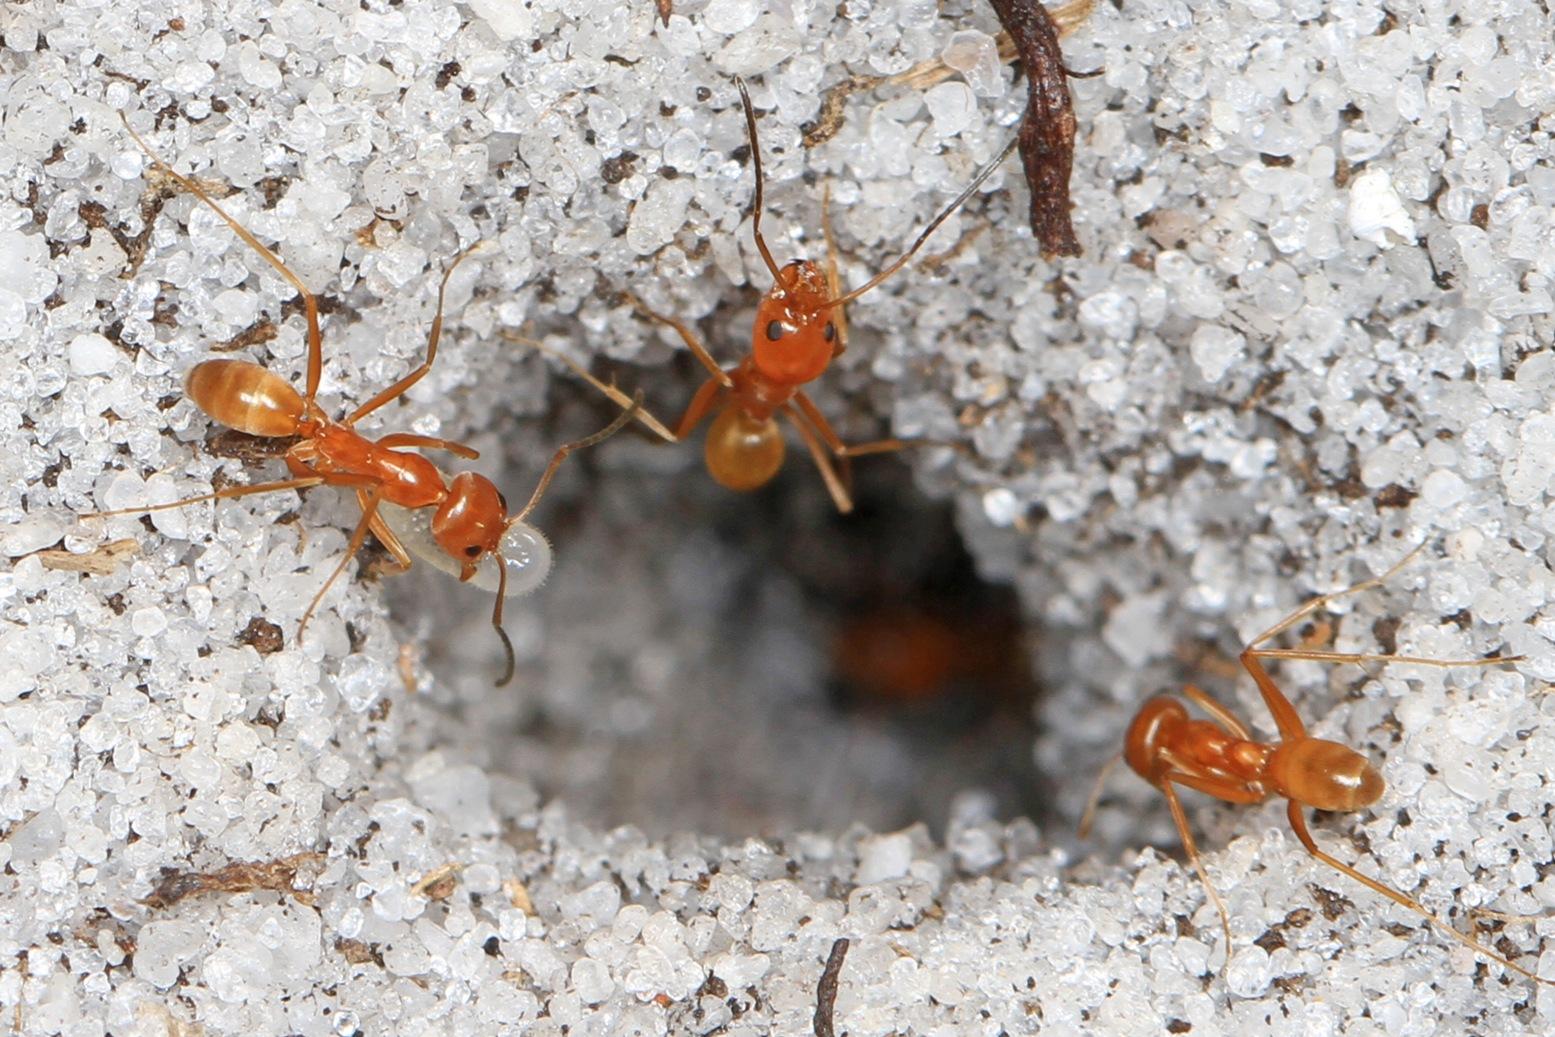 Pyramid Ant (Dorymyrmex bureni)